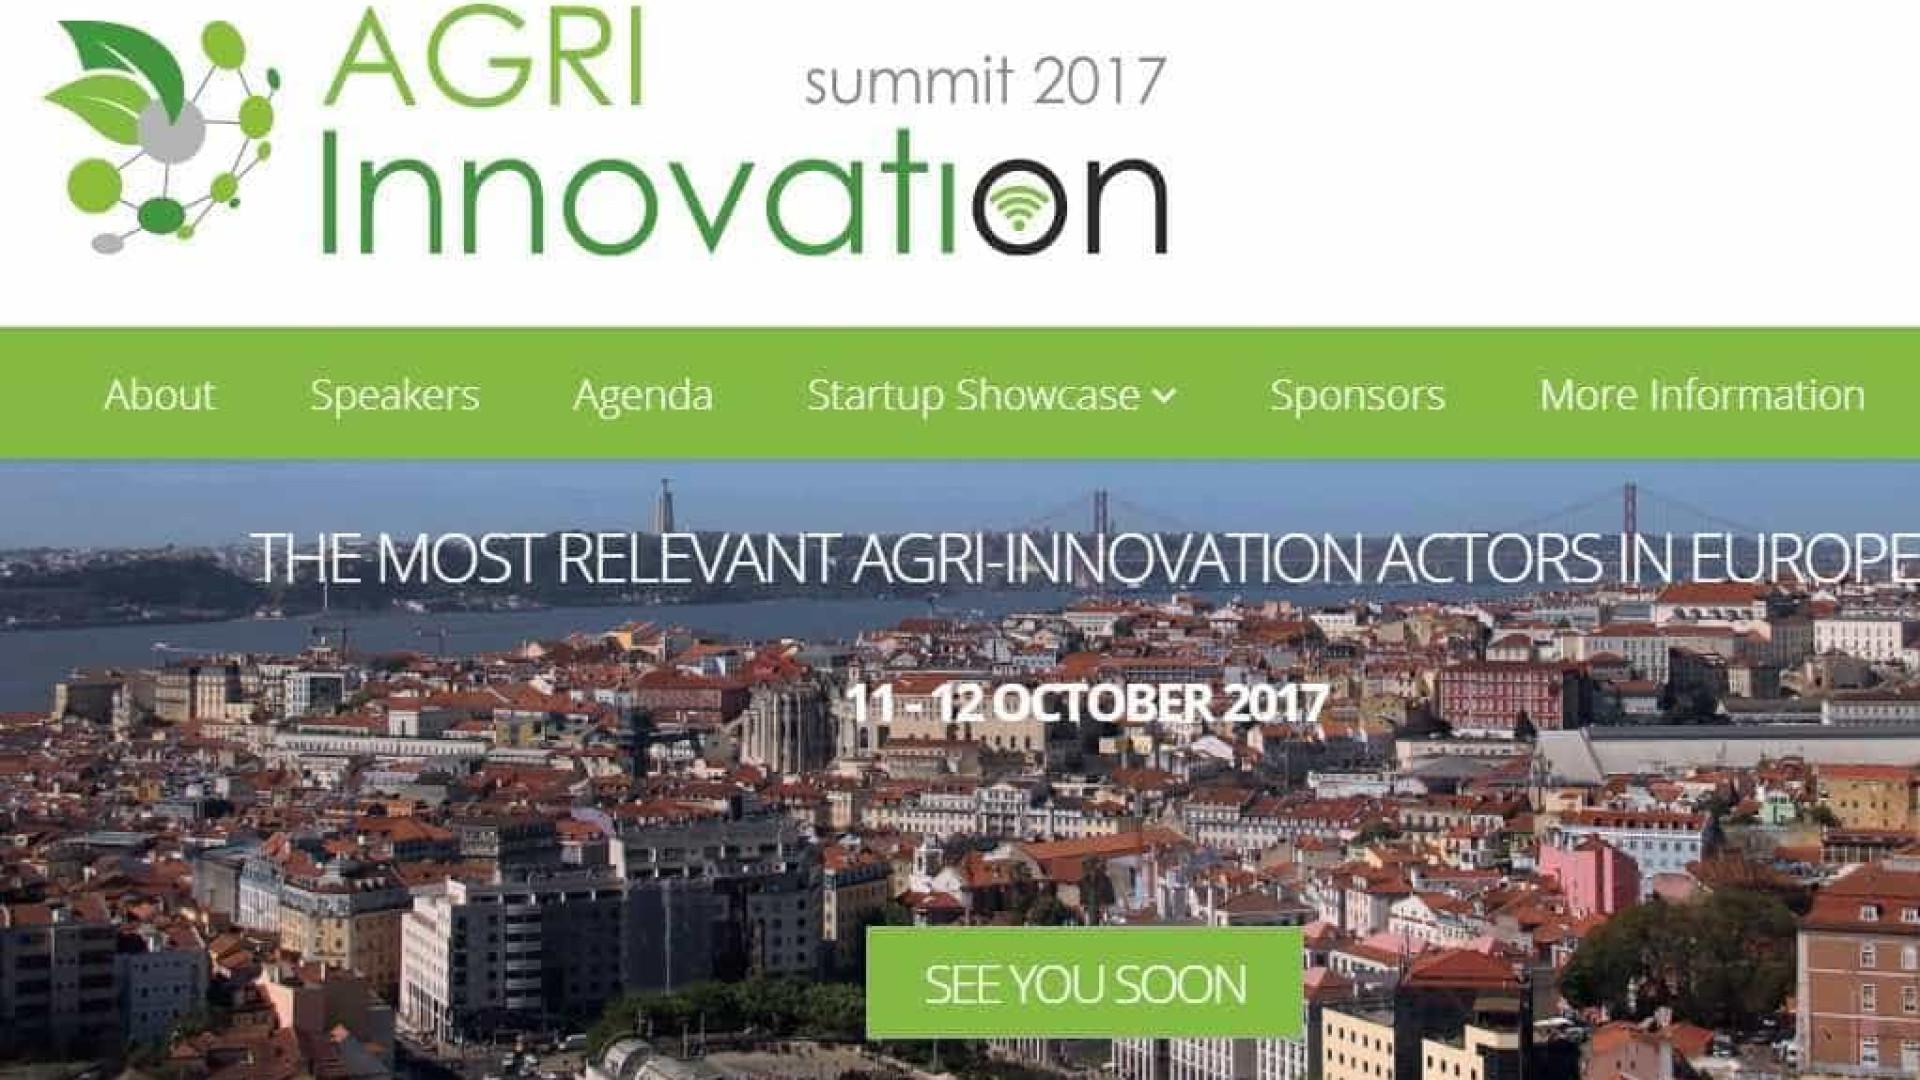 Agri Innovation Summit arranca hoje para discutir inovação na agricultura